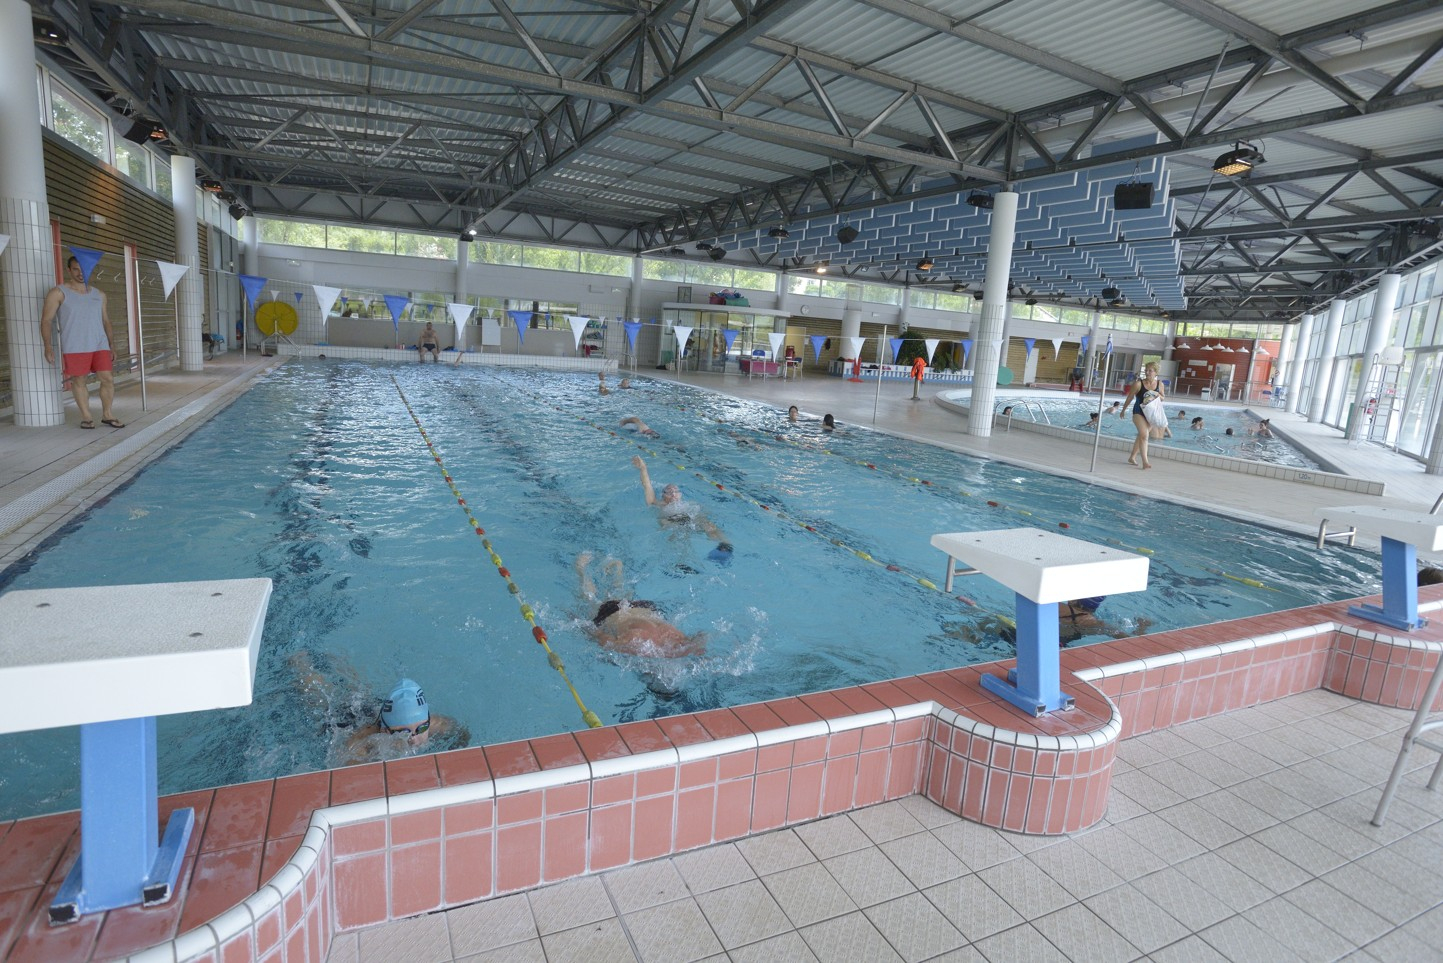 Centre Aquatique Bleu Rive dedans Piscine St Vallier